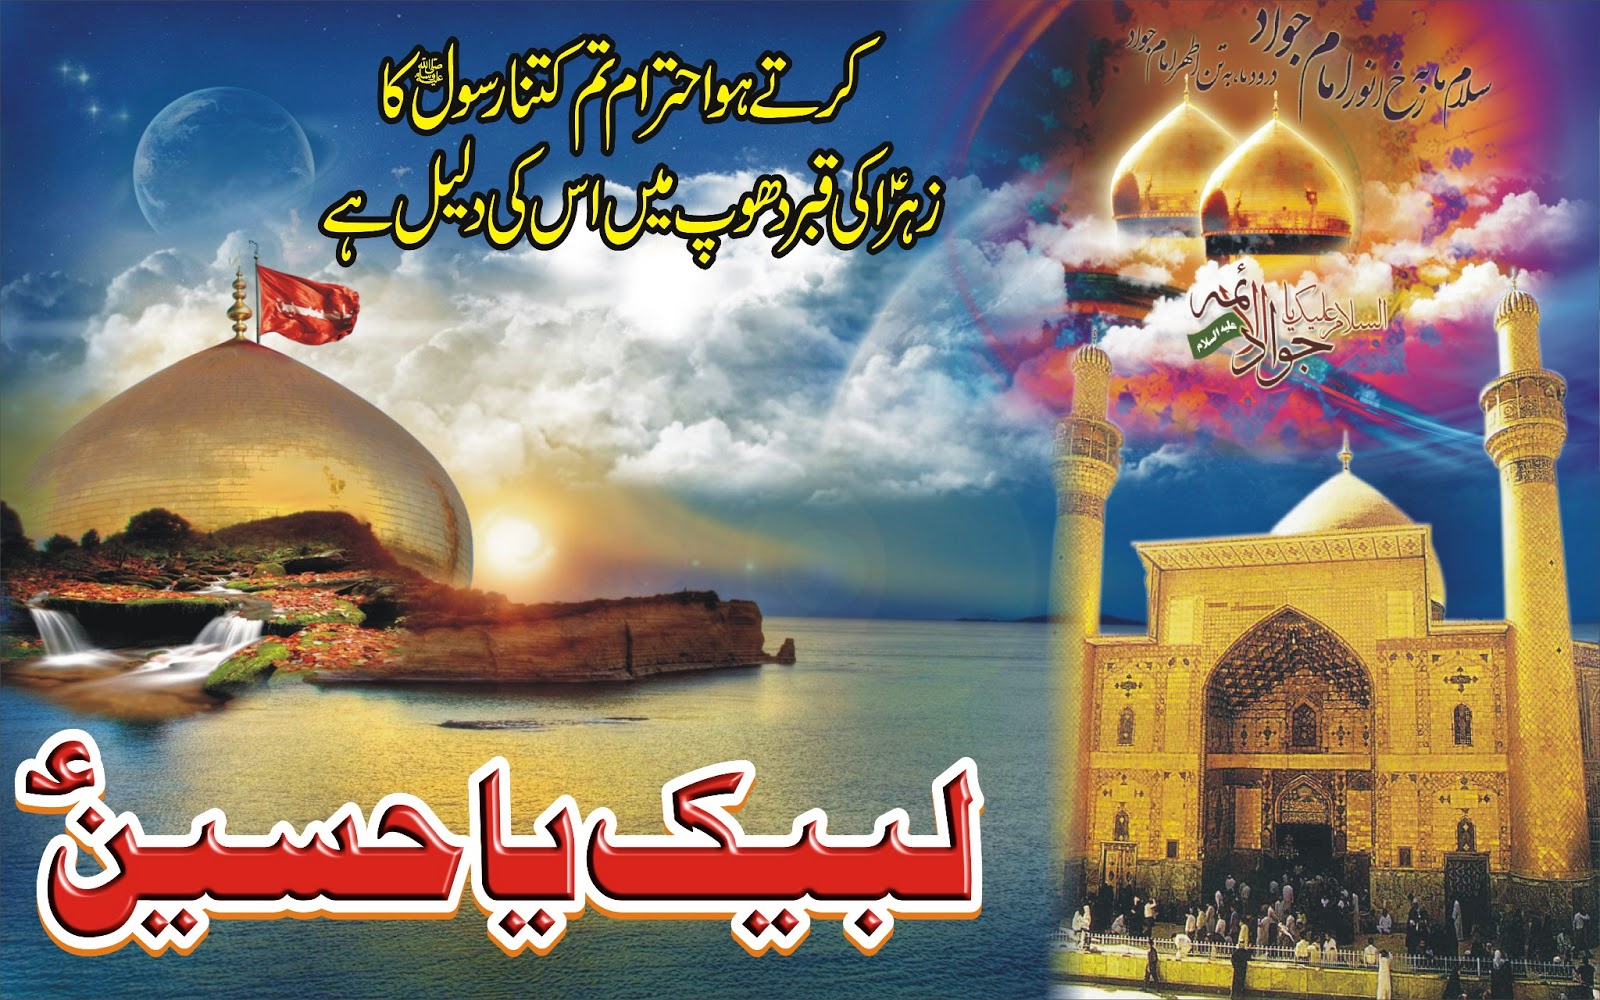 Ya Hussain Karbala WAJID ALI: ya hussain ...